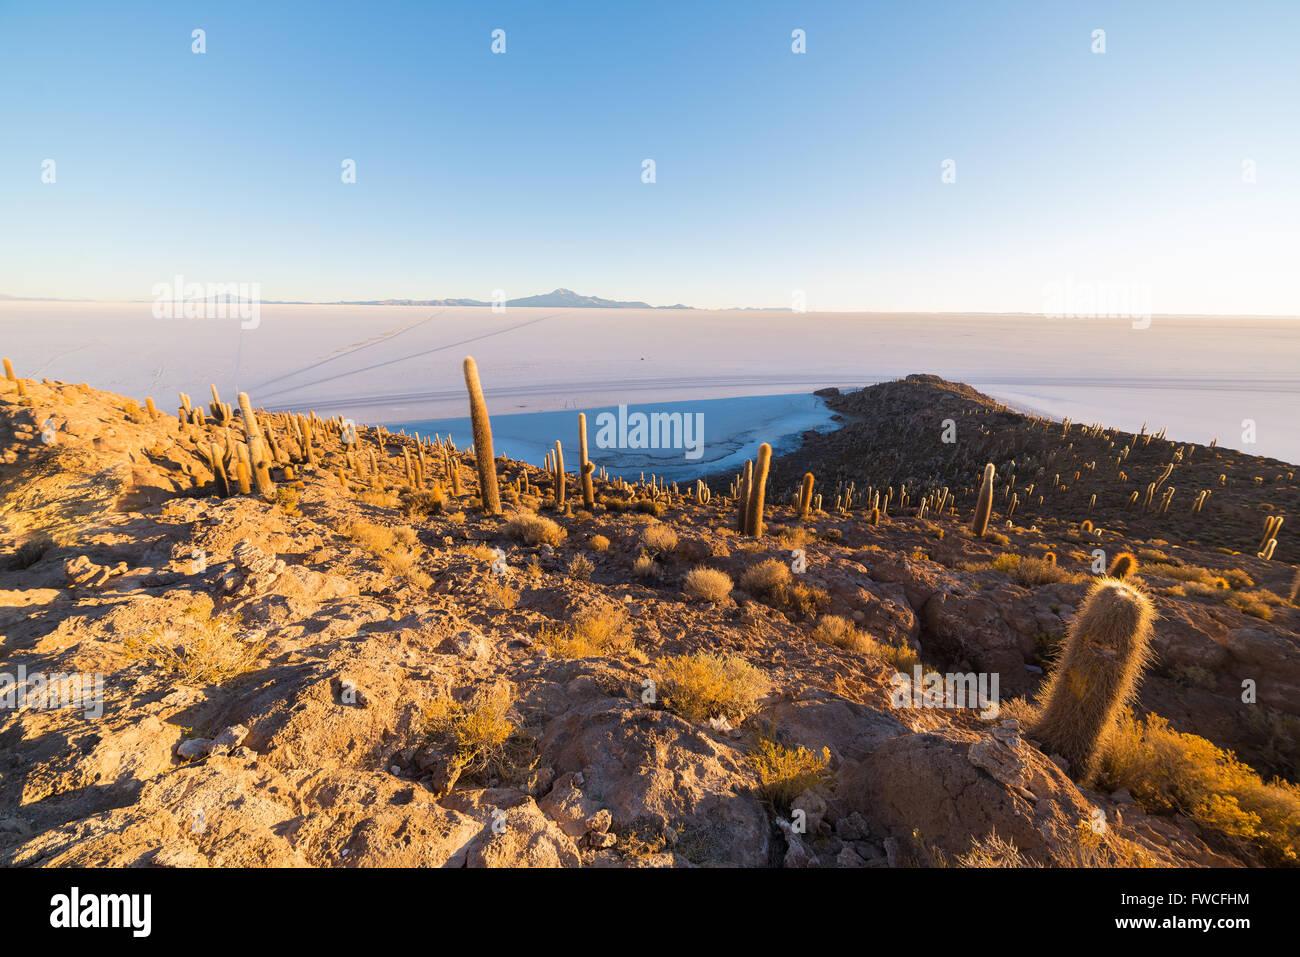 Amplio ángulo de visión del Salar de Uyuni, uno de los destino más importante en Bolivia. Toma al Imagen De Stock